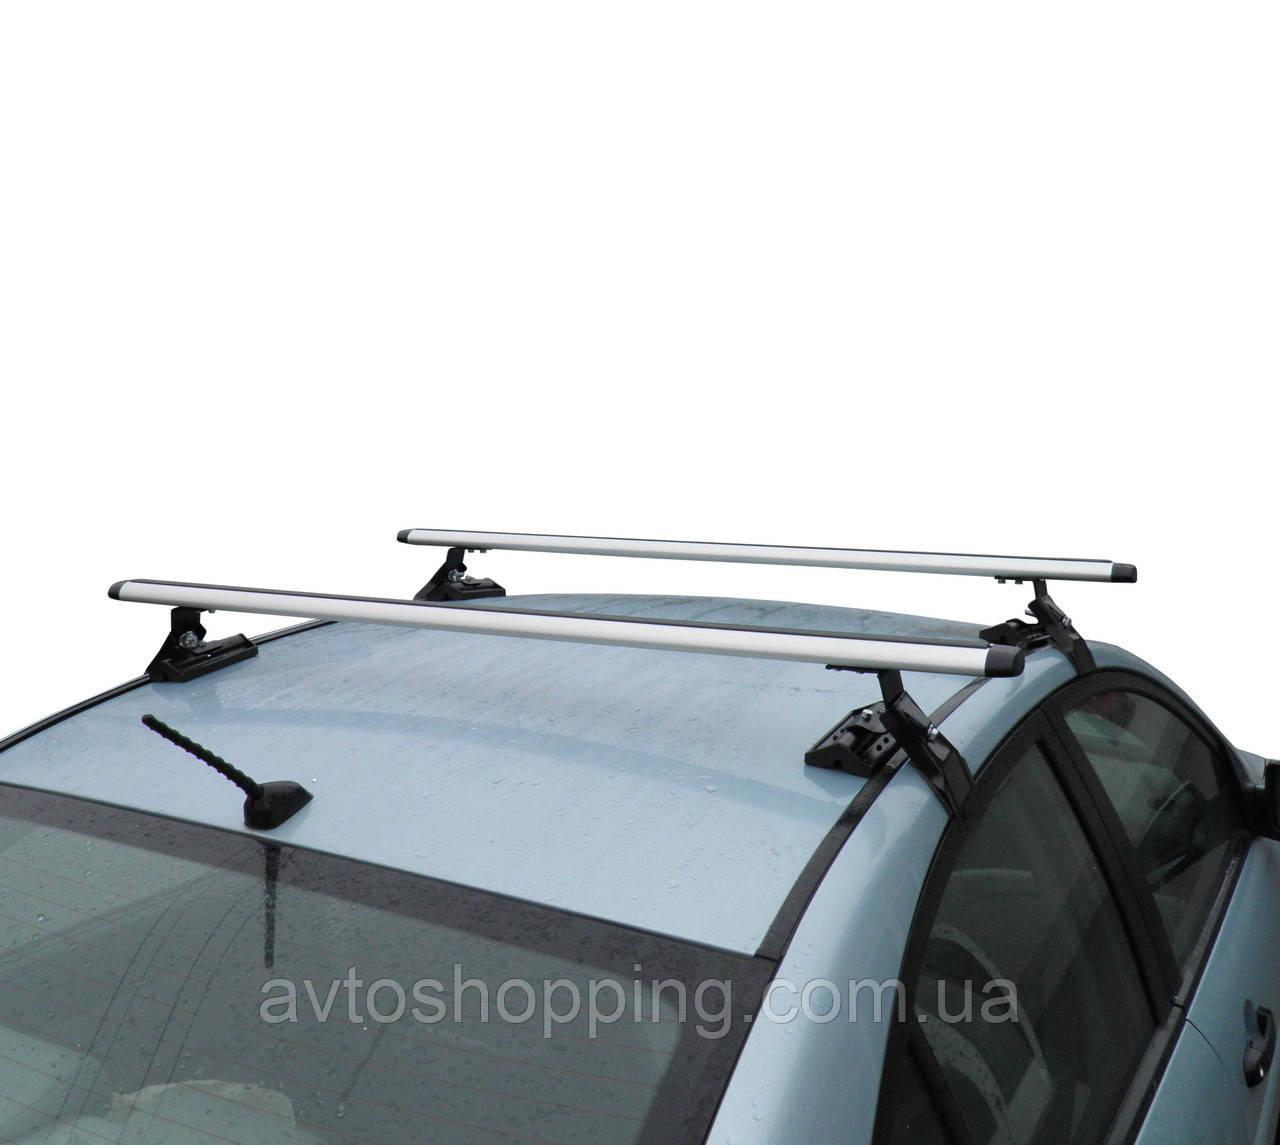 Багажник на крышу Nissan Leaf для авто с гладкой крышей